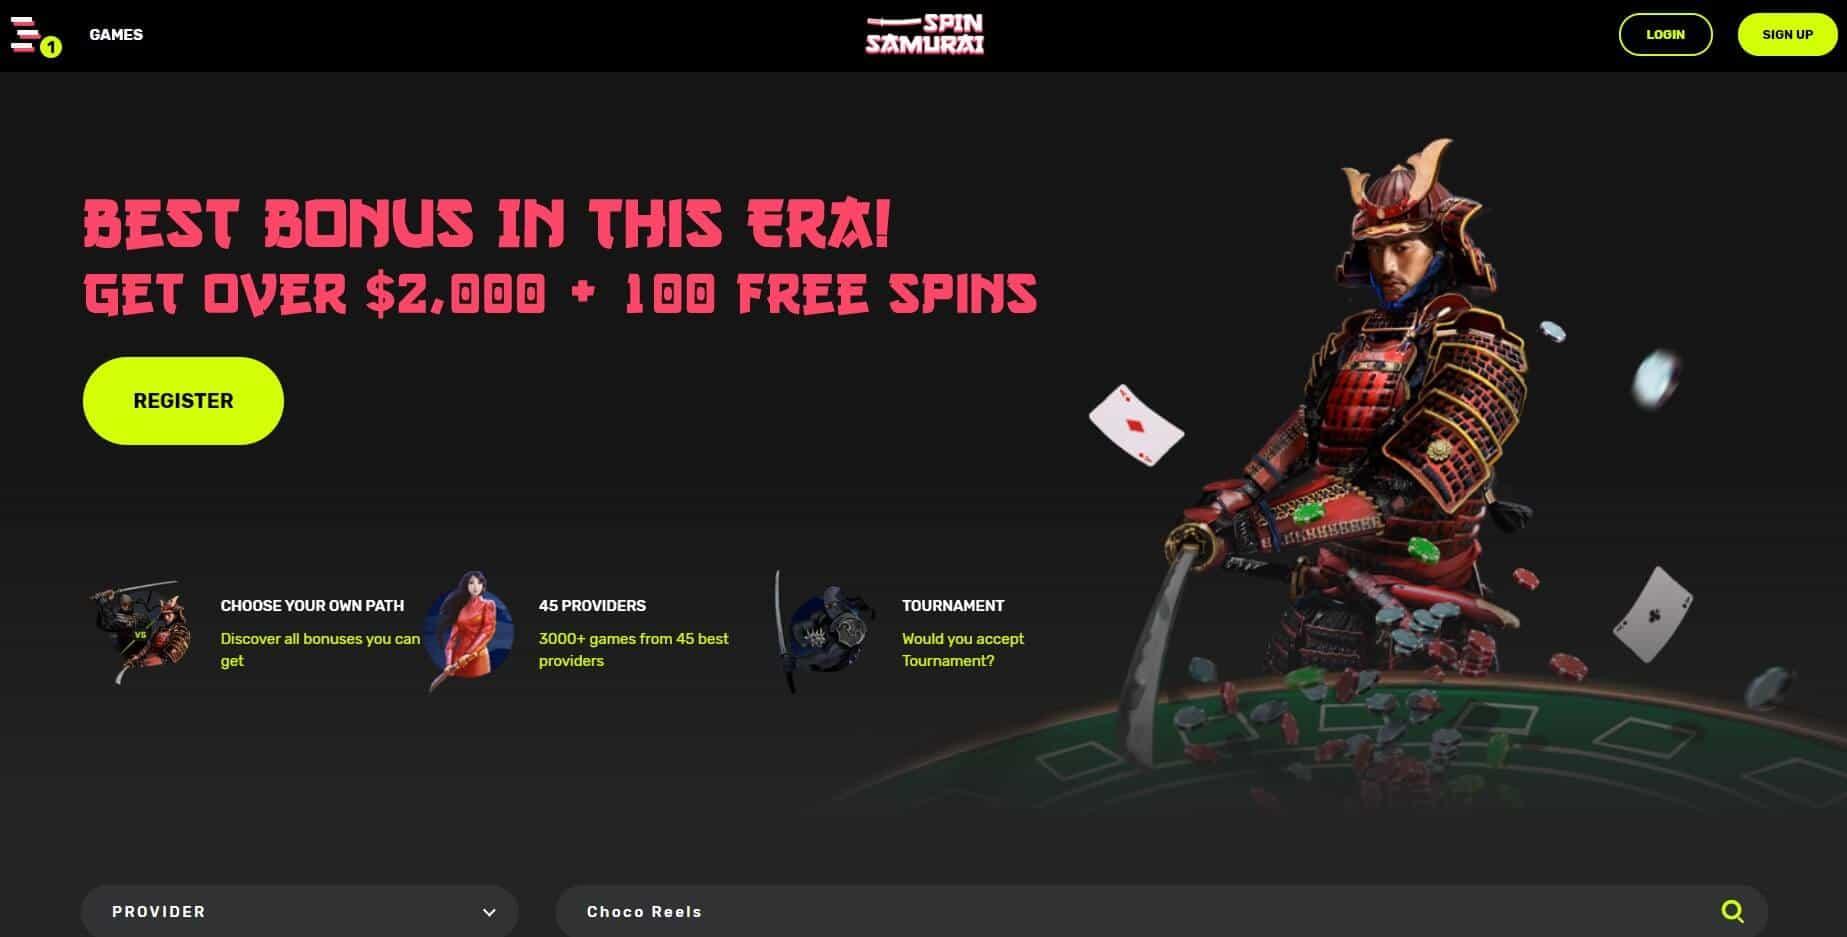 Spin Samurai Casino homepage